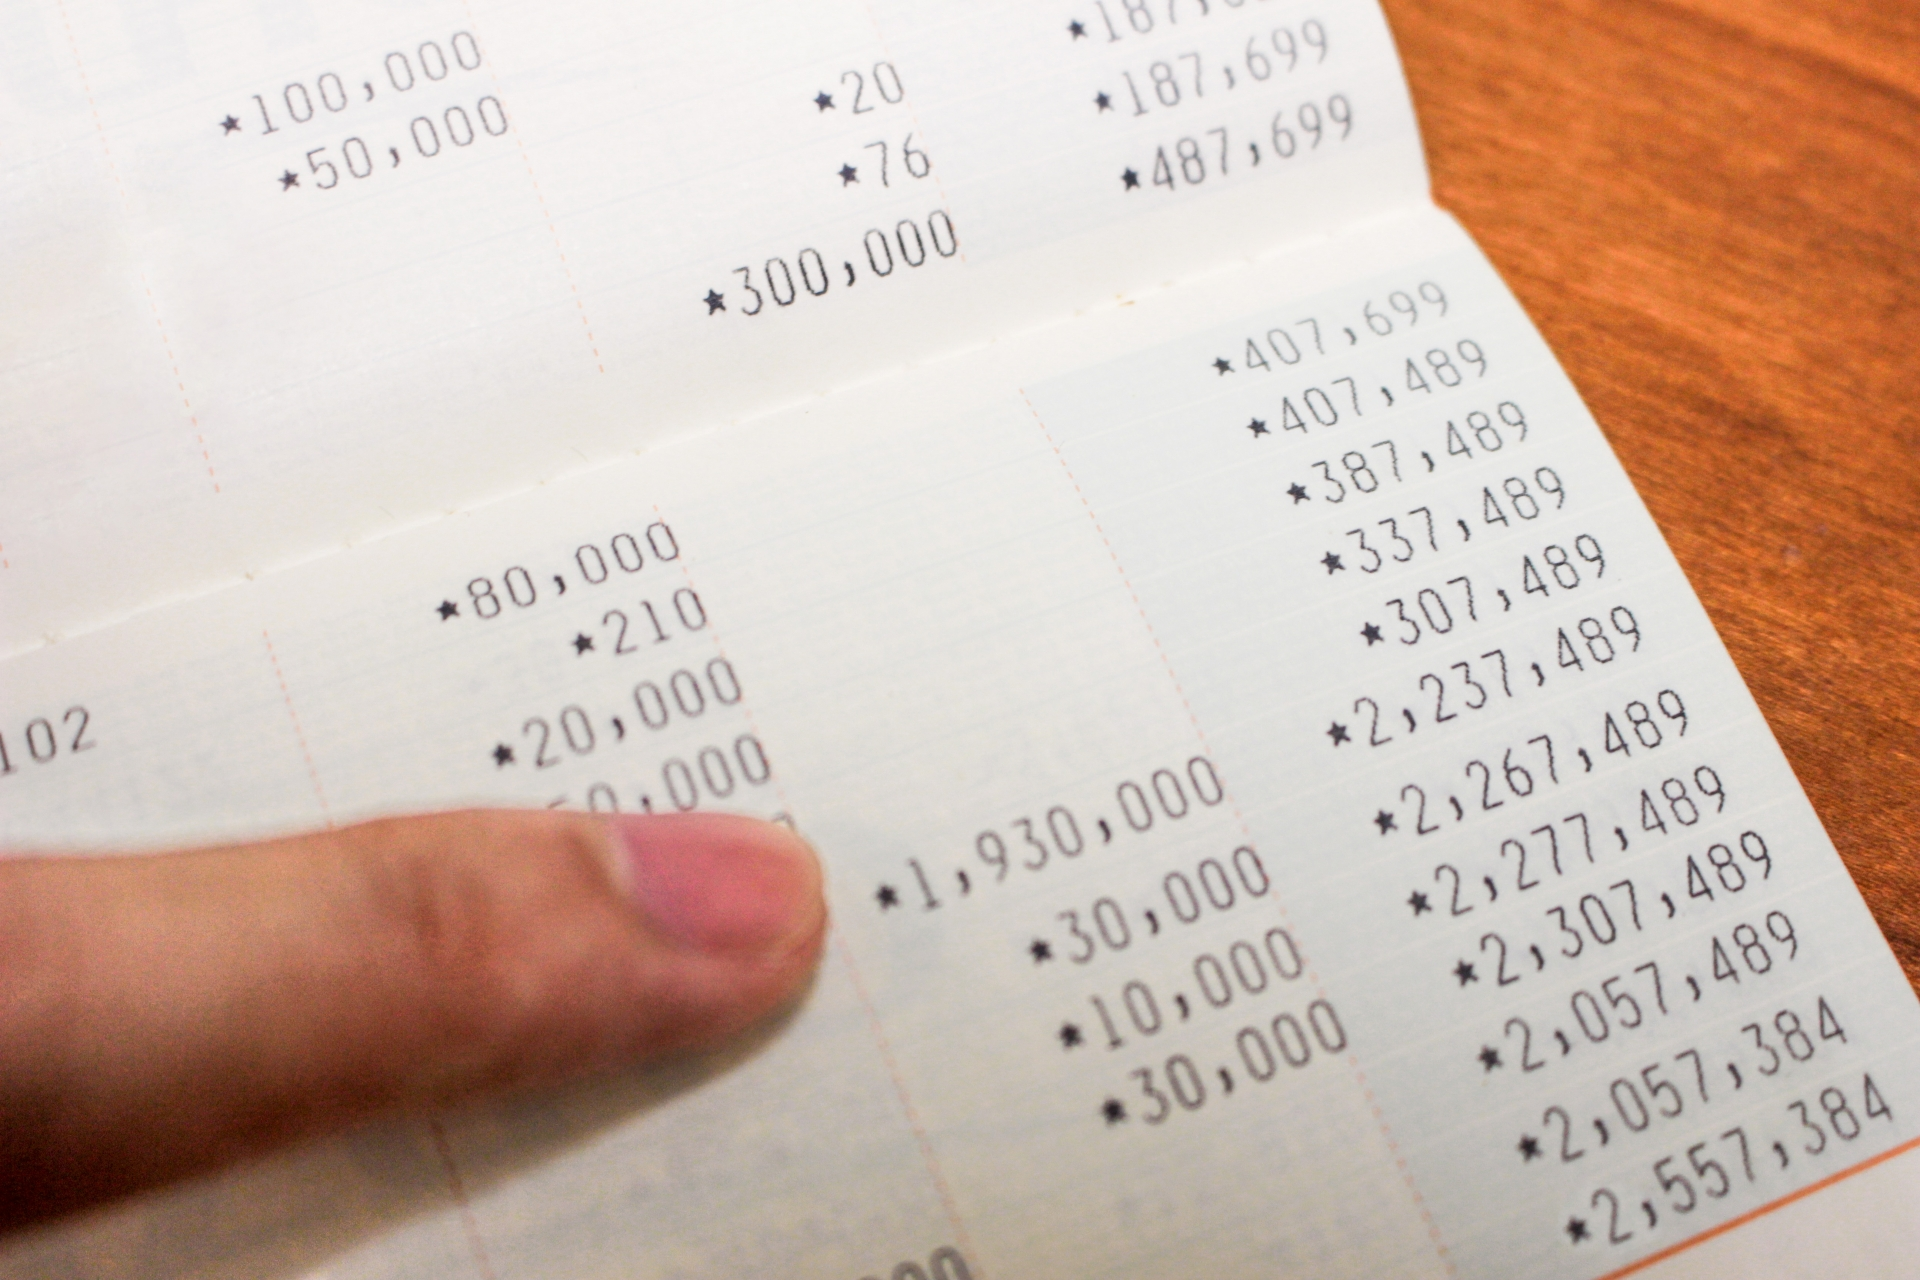 振込が反映されていない? 銀行 振込 の 入金が確認・反映される時間とタイミングとは